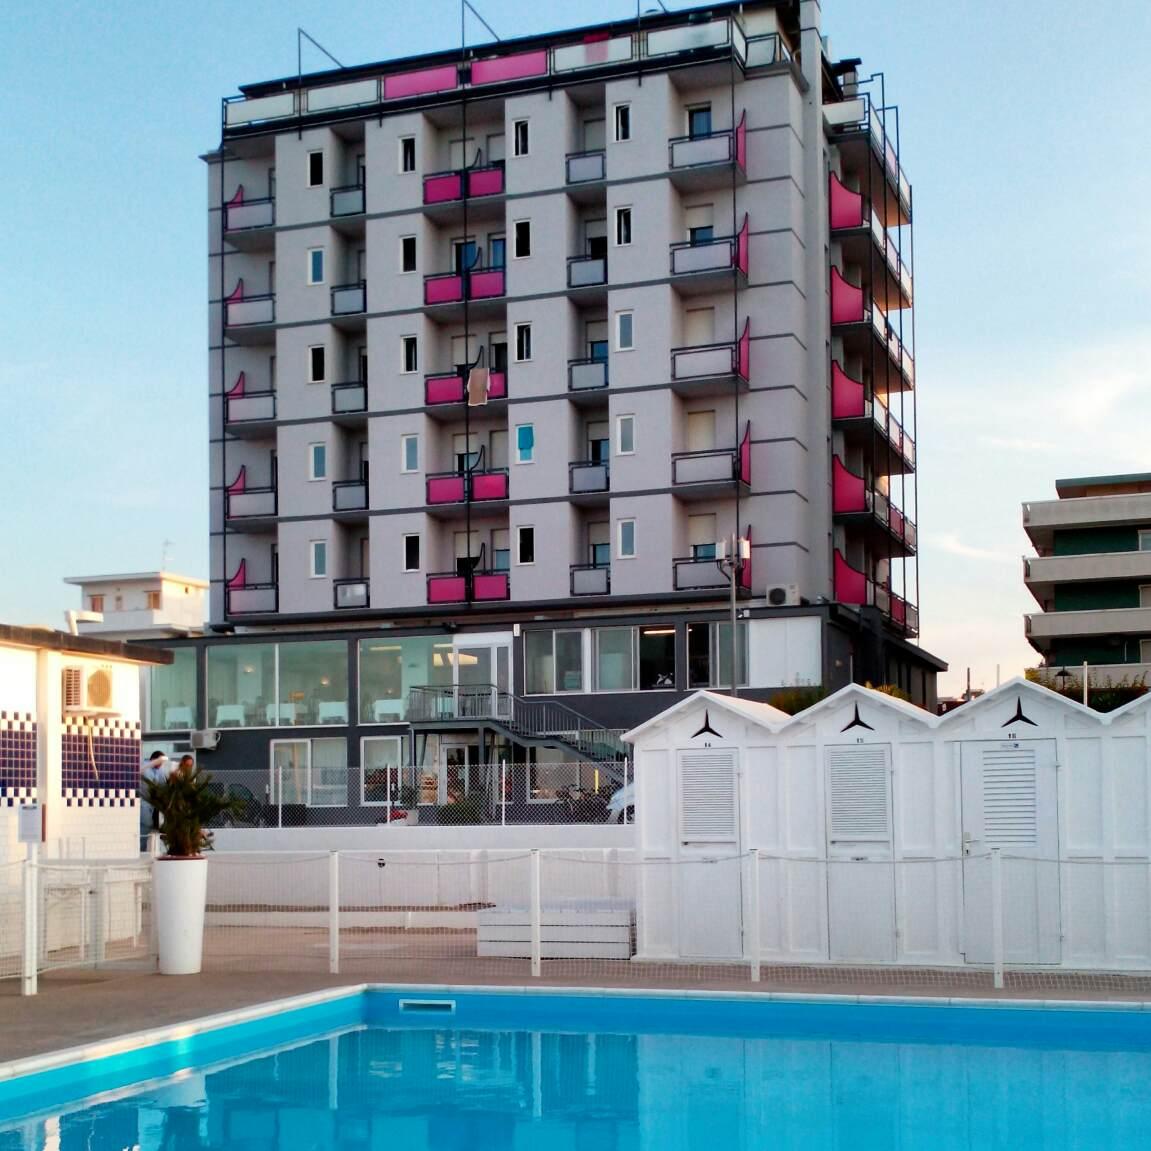 foto hotel con piscina